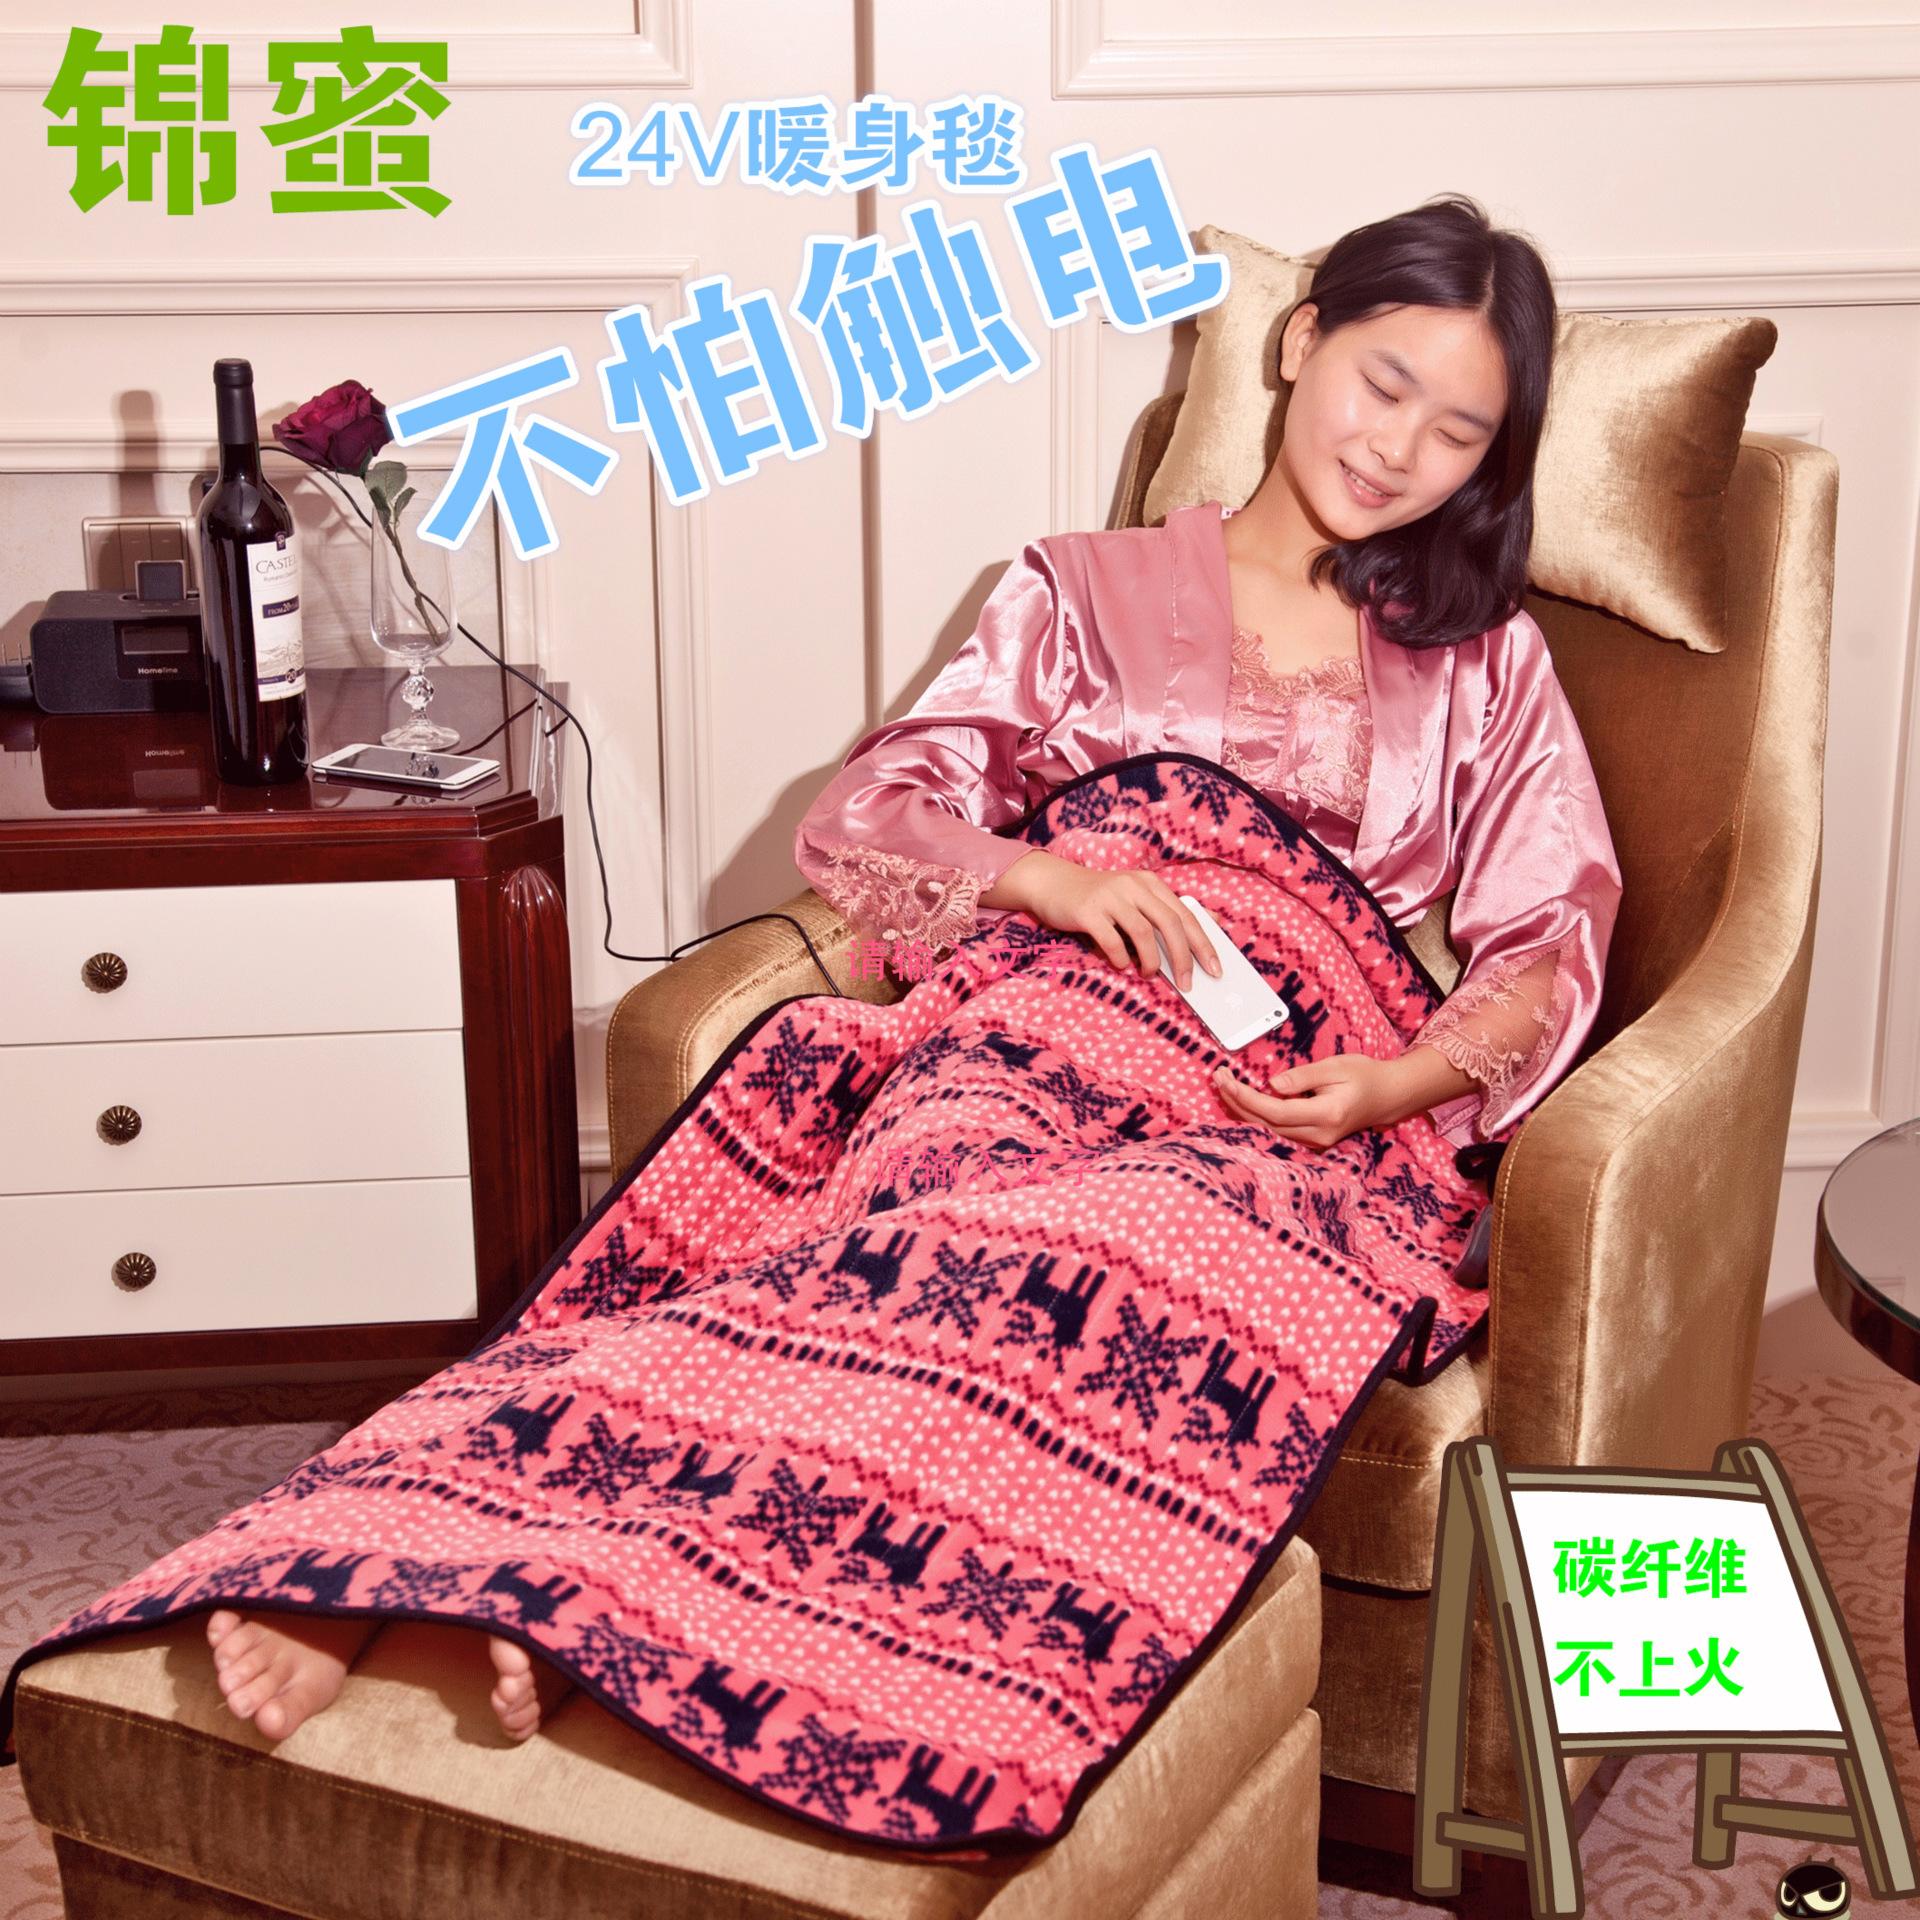 24V安全碳纤维电热暖身毯护膝毯多功能休闲毯 一分钟速热